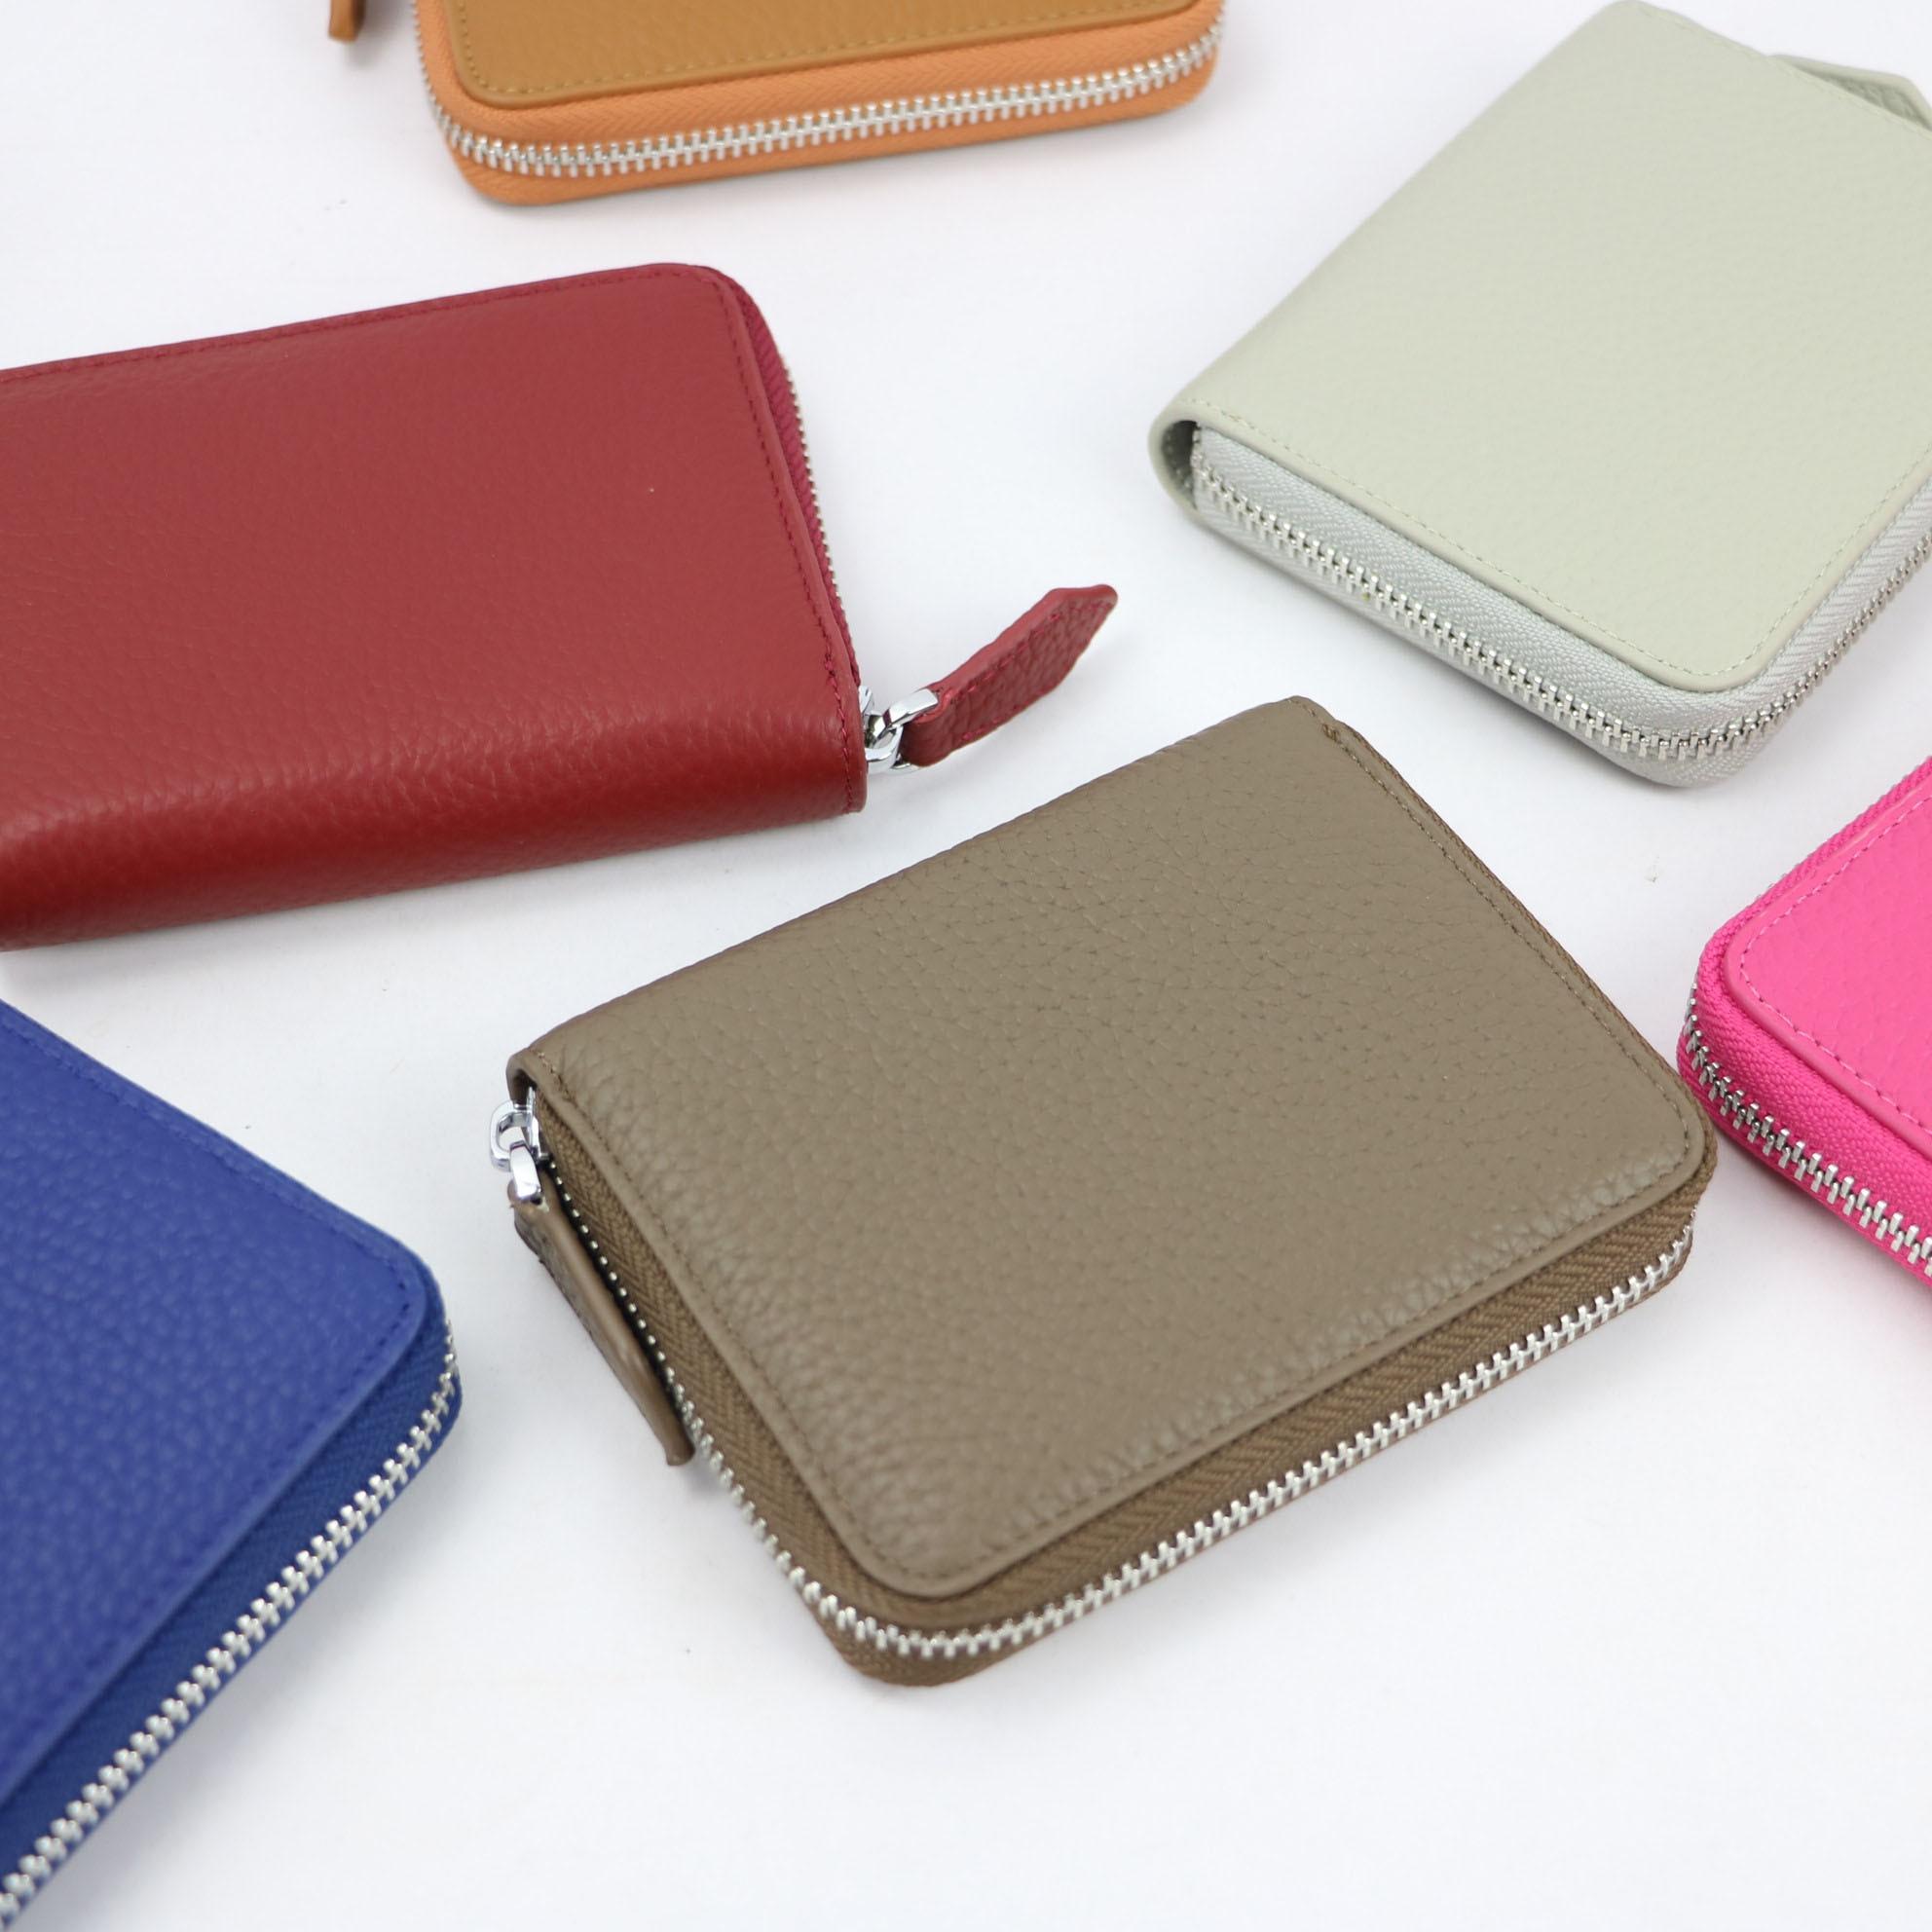 Модный Индивидуальный кошелек из натуральной кожи на молнии, женский роскошный короткий кошелек, клатч, Женский дизайнерский кошелек|Кошельки| | АлиЭкспресс